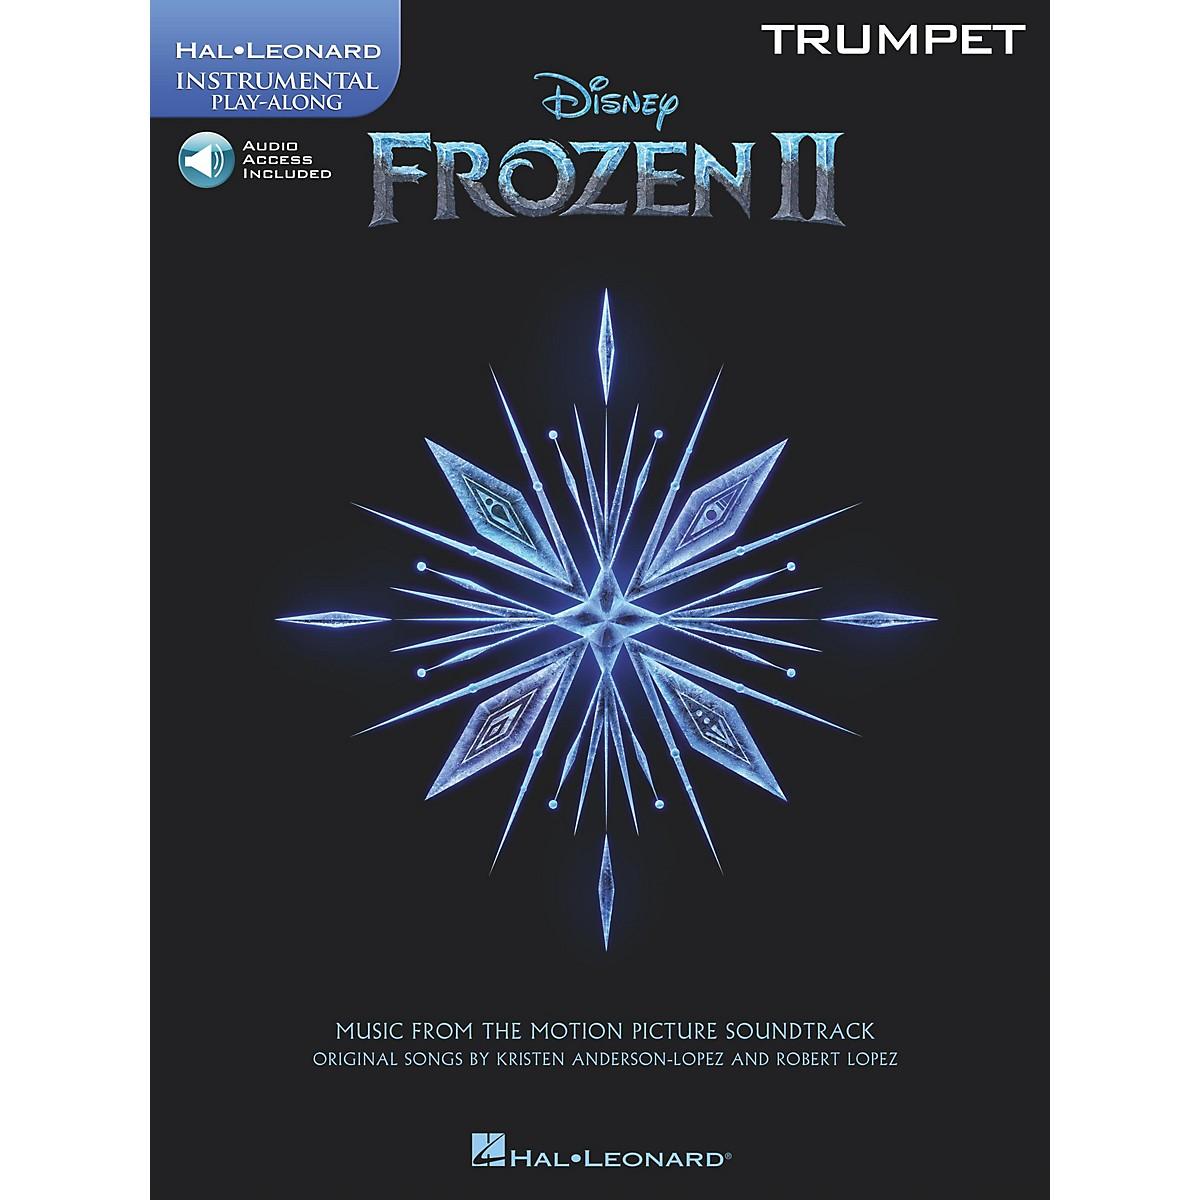 Hal Leonard Frozen II Trumpet Play-Along Instrumental Songbook Book/Audio Online